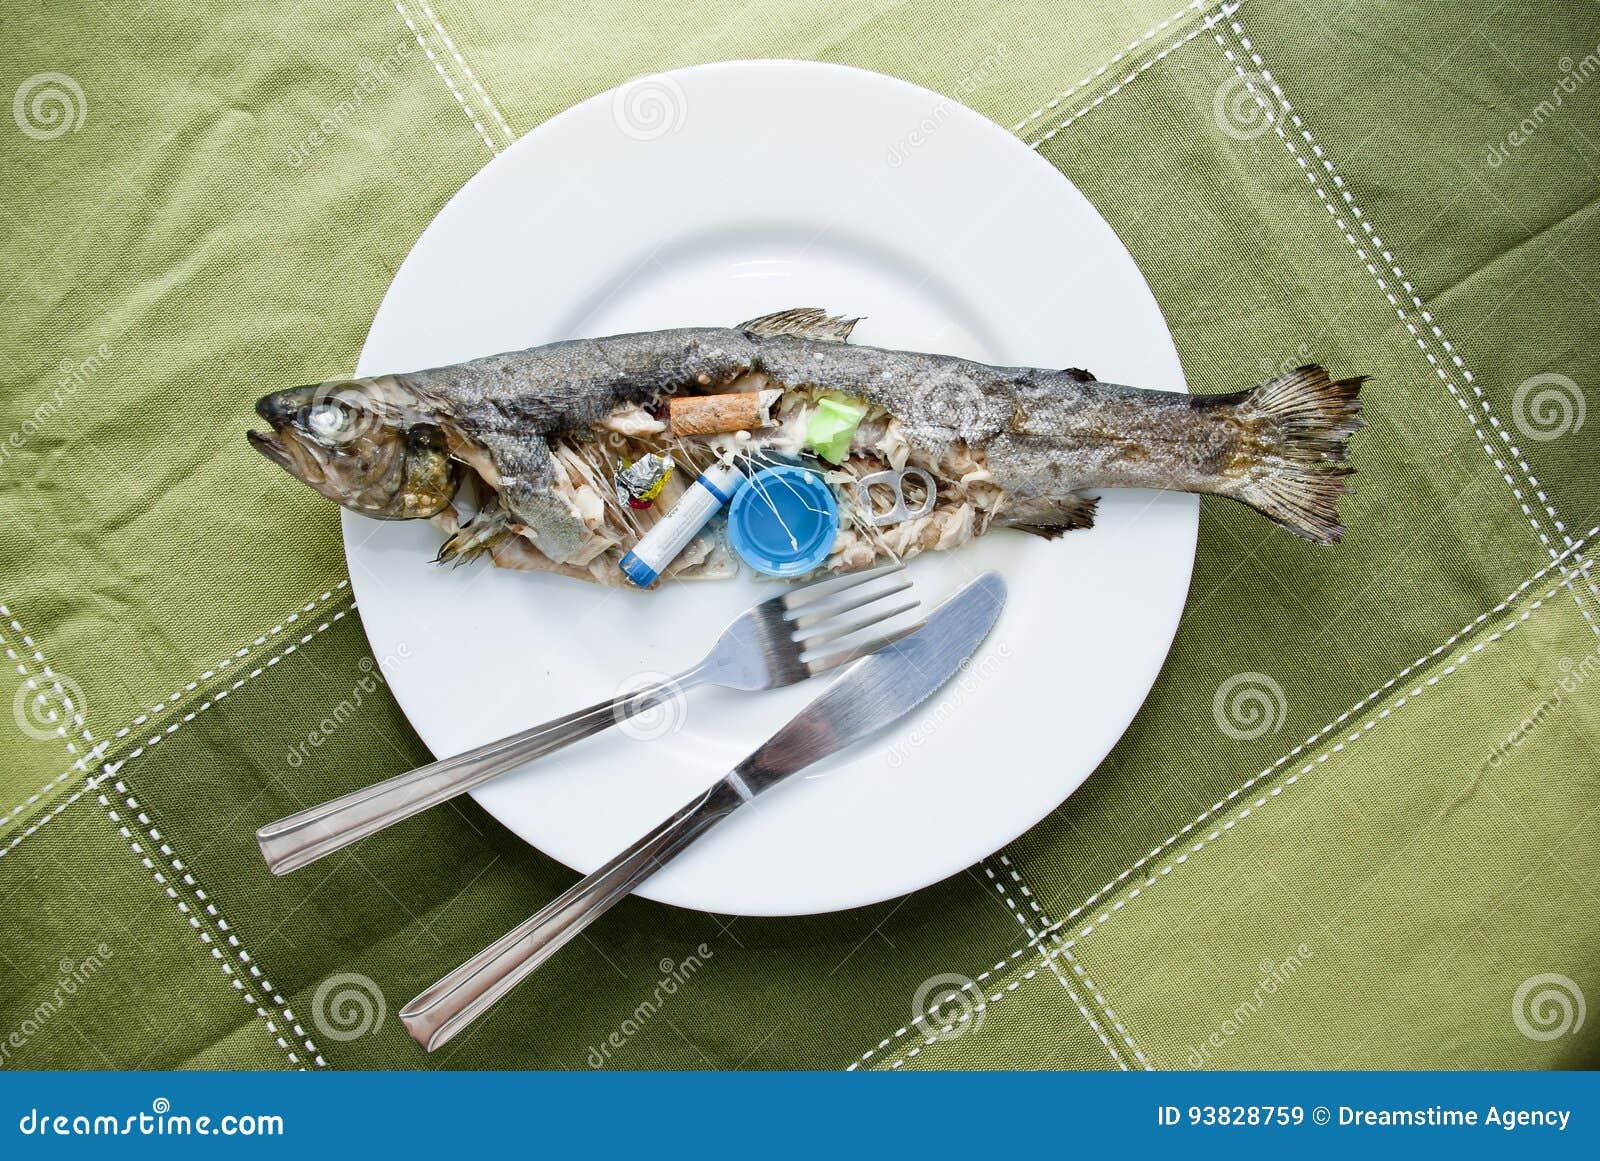 Contaminated fish